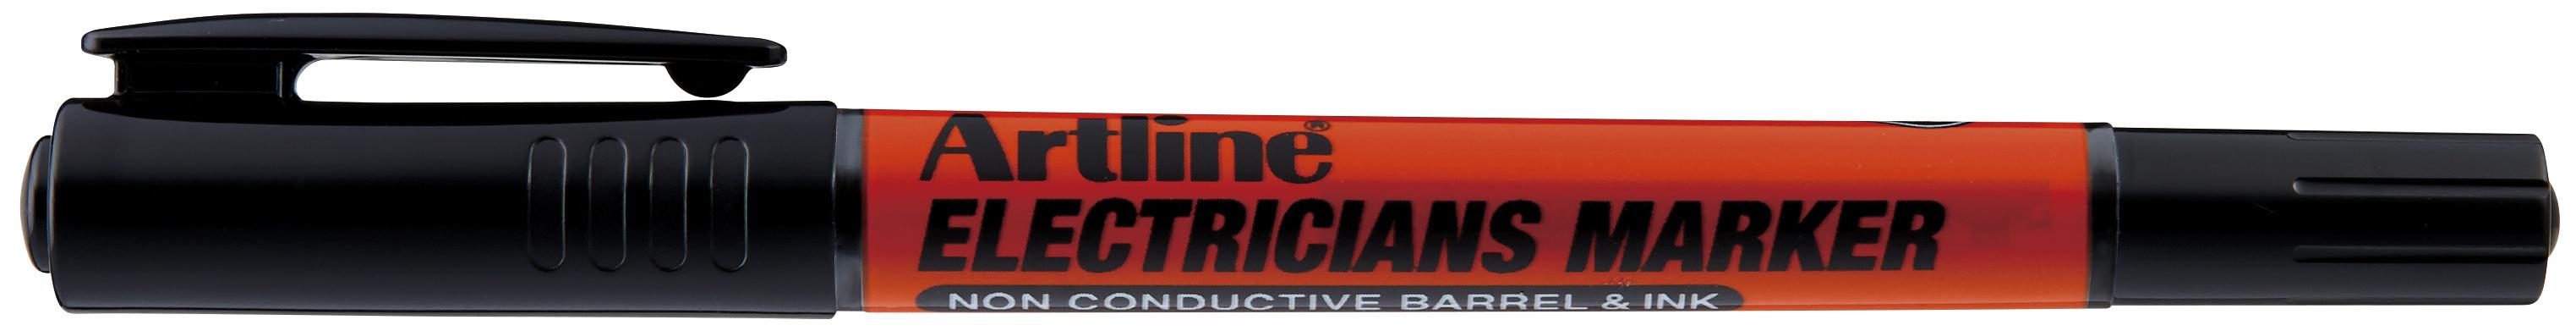 Artline Electricians Merkepenn Sort